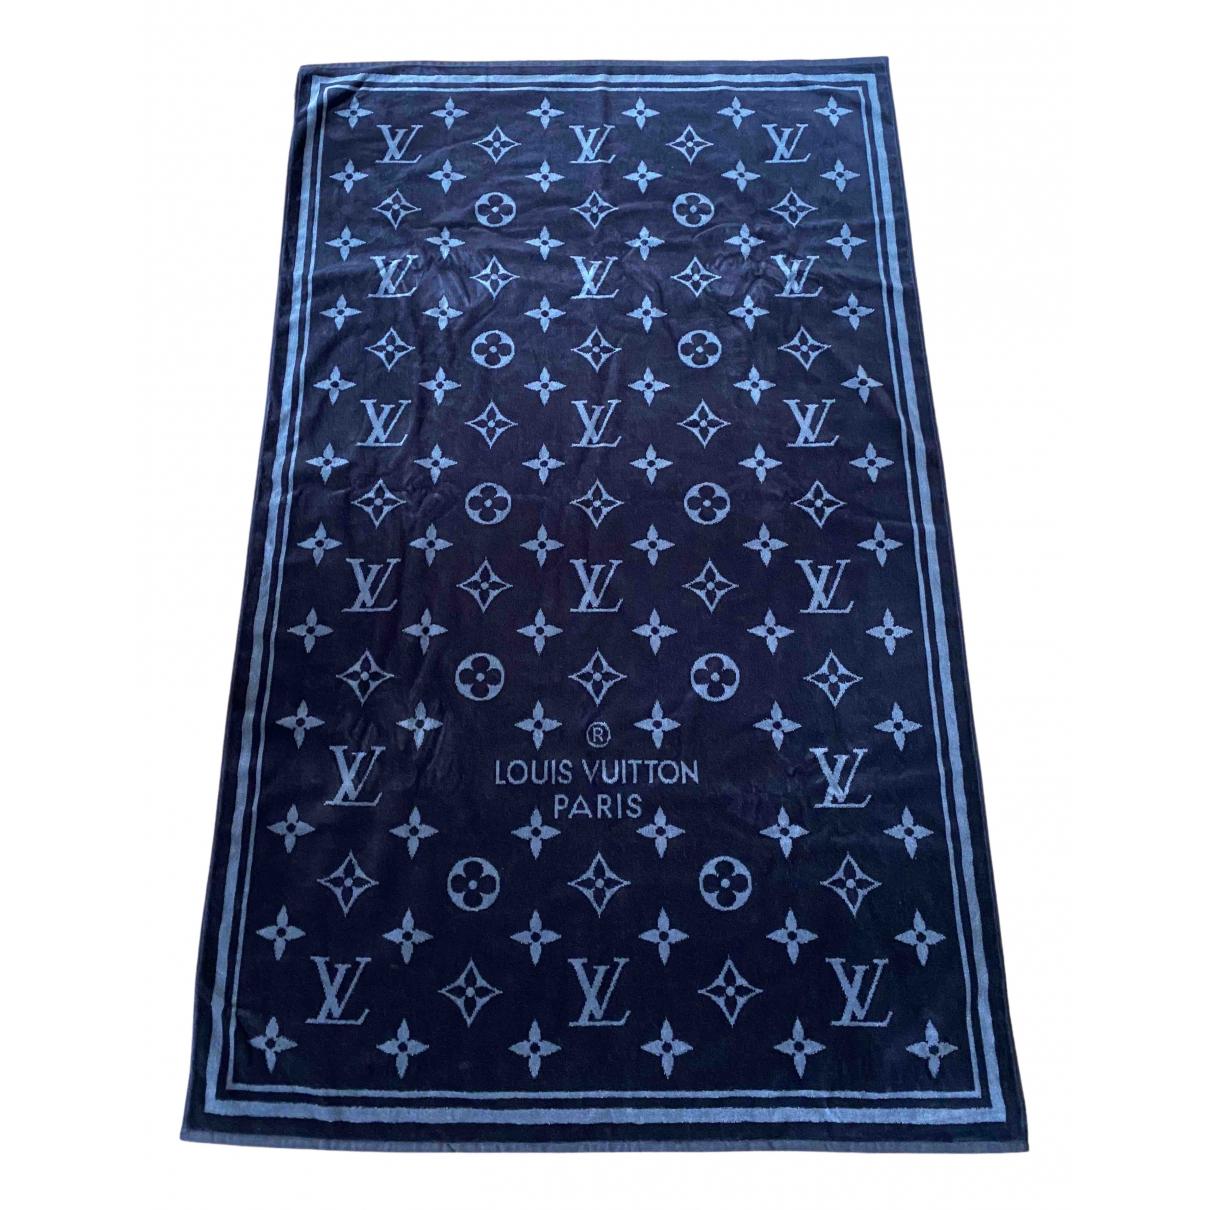 Louis Vuitton - Linge de maison   pour lifestyle en coton - noir